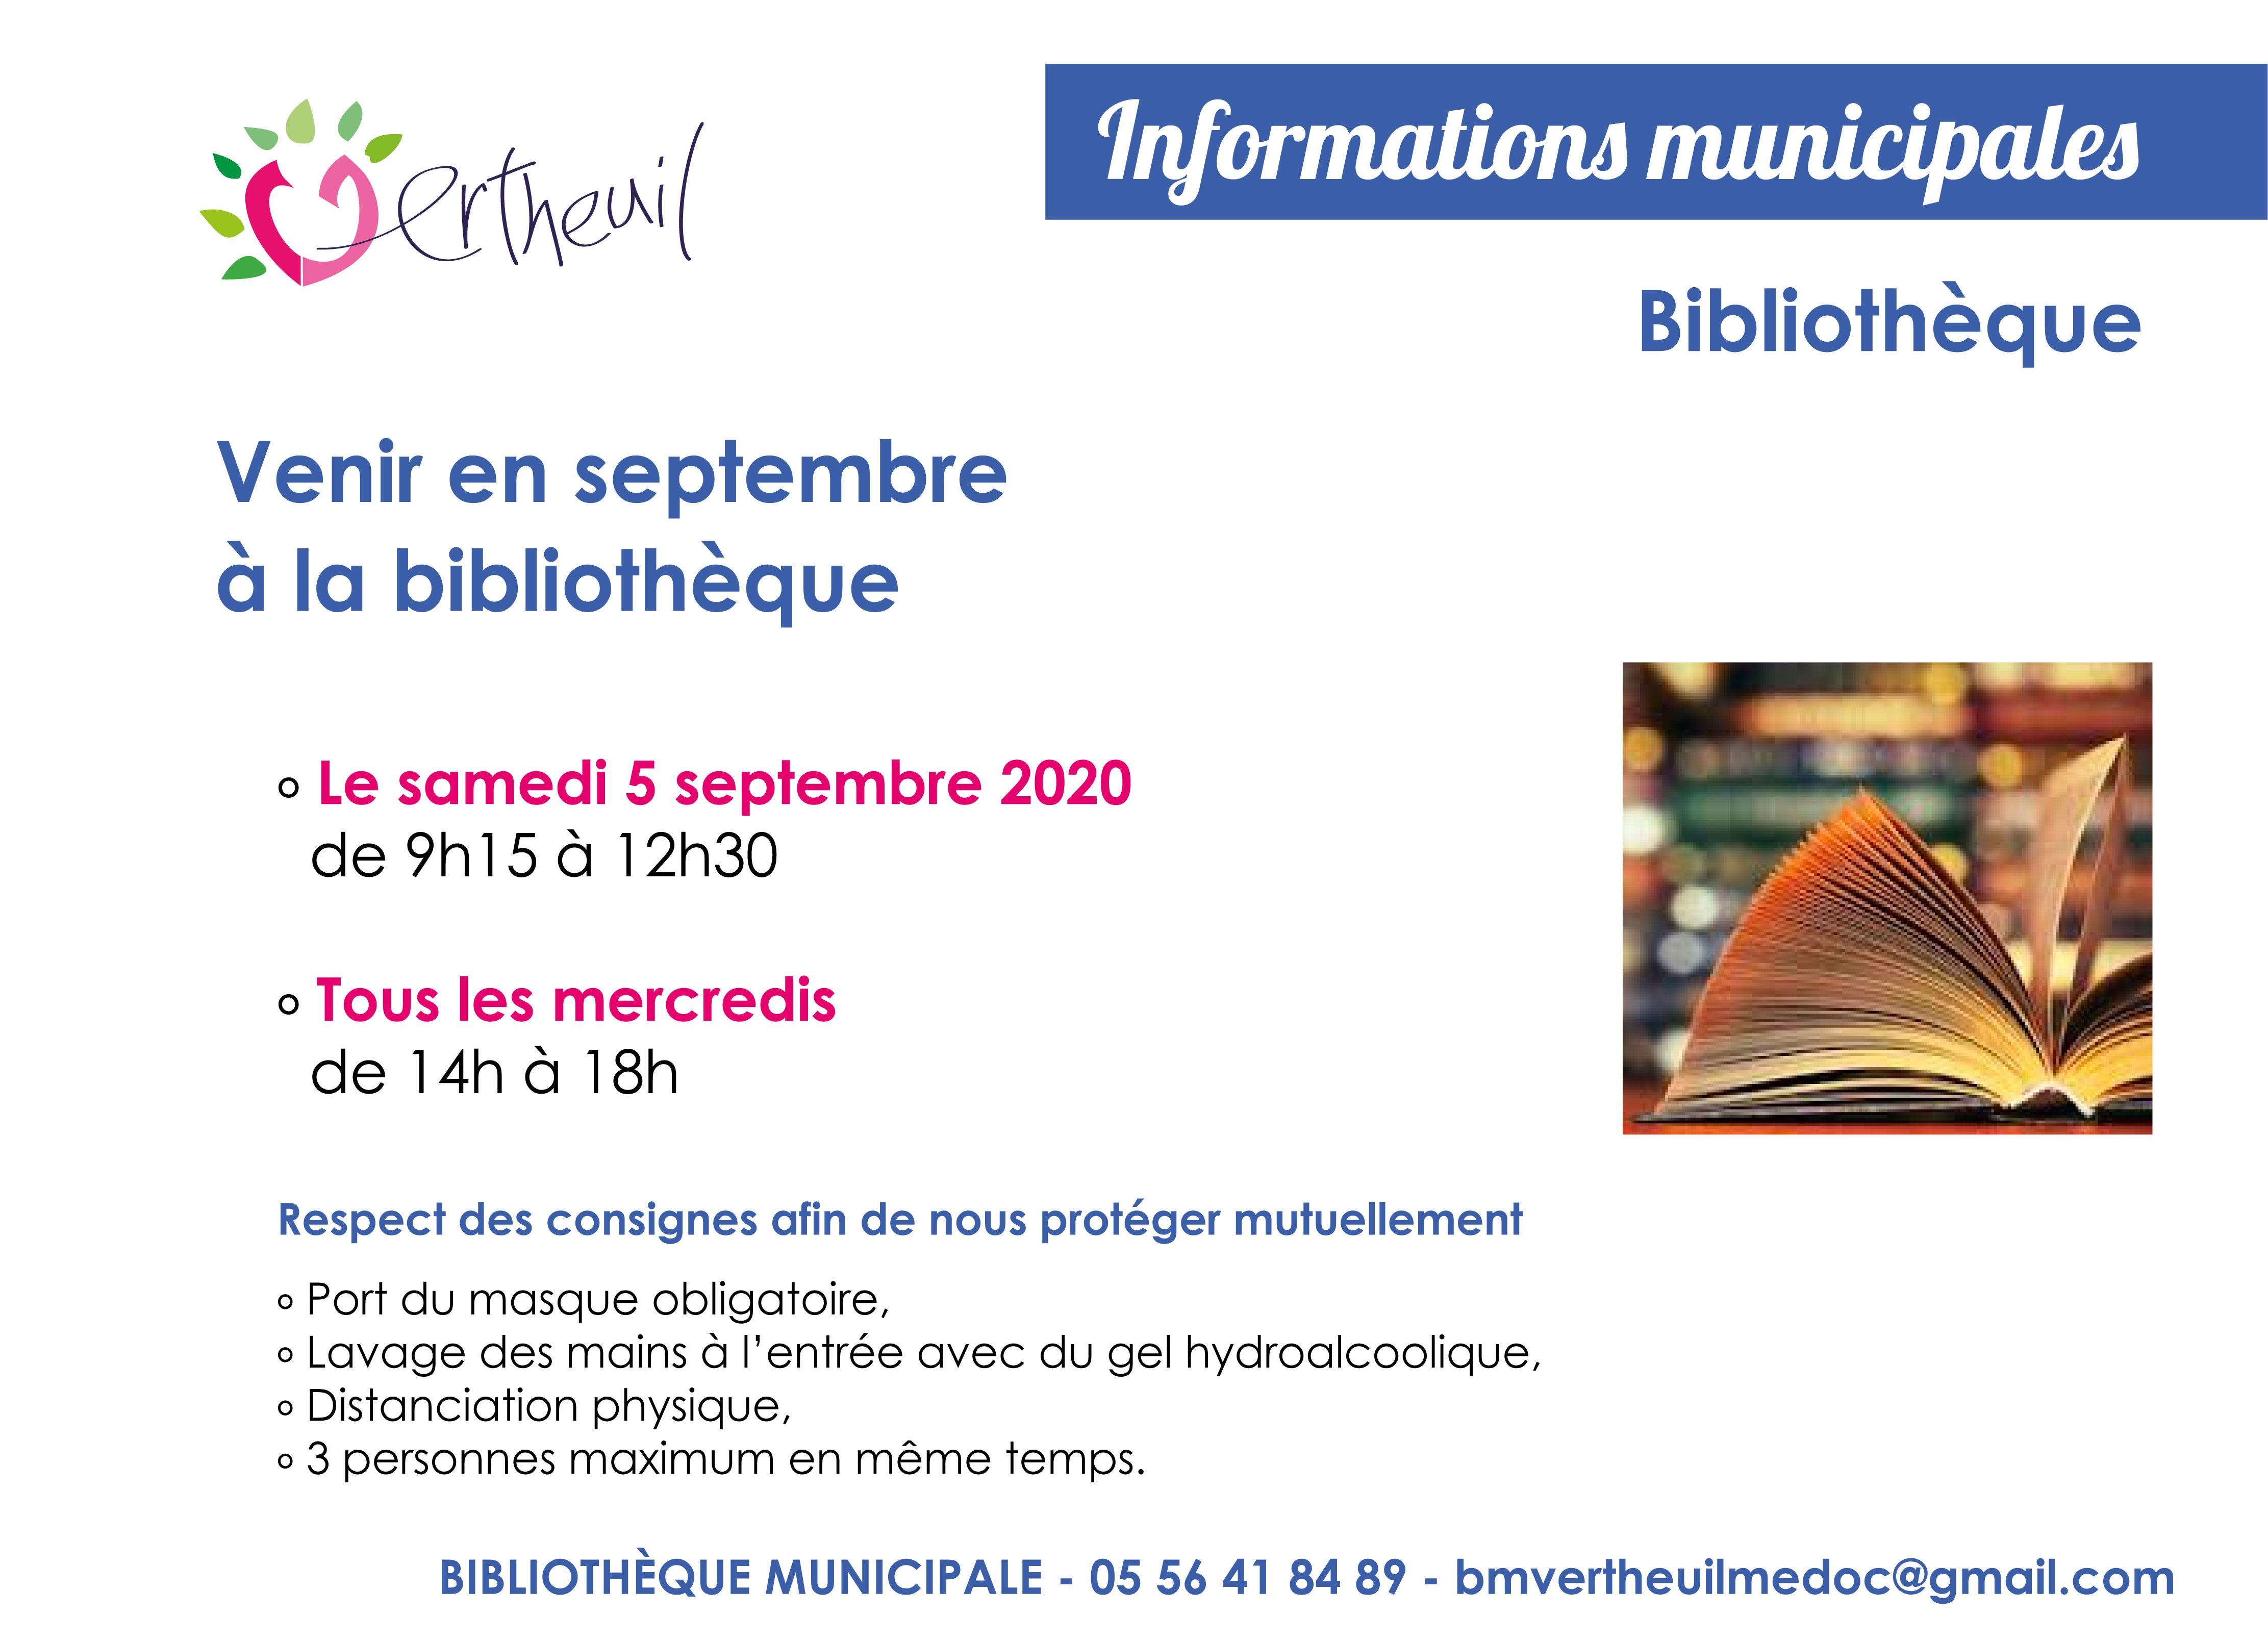 septembre à la bibliotheque_Plan de travail 1 copie 3